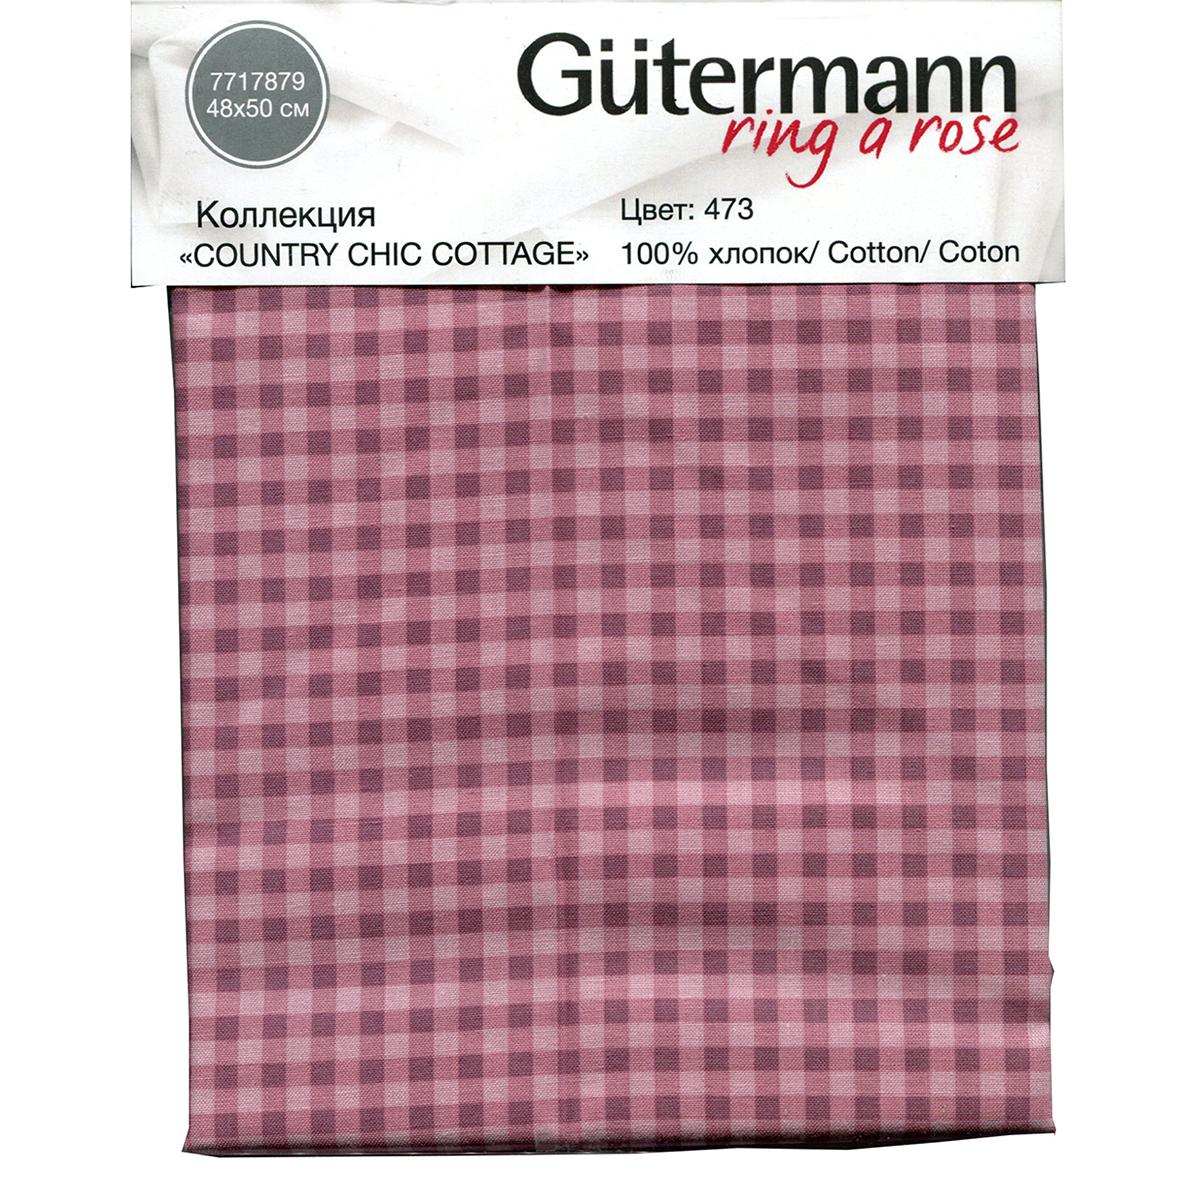 Ткань Gutermann Country Chic Cottage, 48 х 50 см. 649368_4737716370_золотойТкань Gutermann, изготовленная из 100% натурального хлопка, идеально подойдет для шитья одежды, постельного белья, декорирования. Ткань не линяет, не осыпается по краям и не дает усадки.